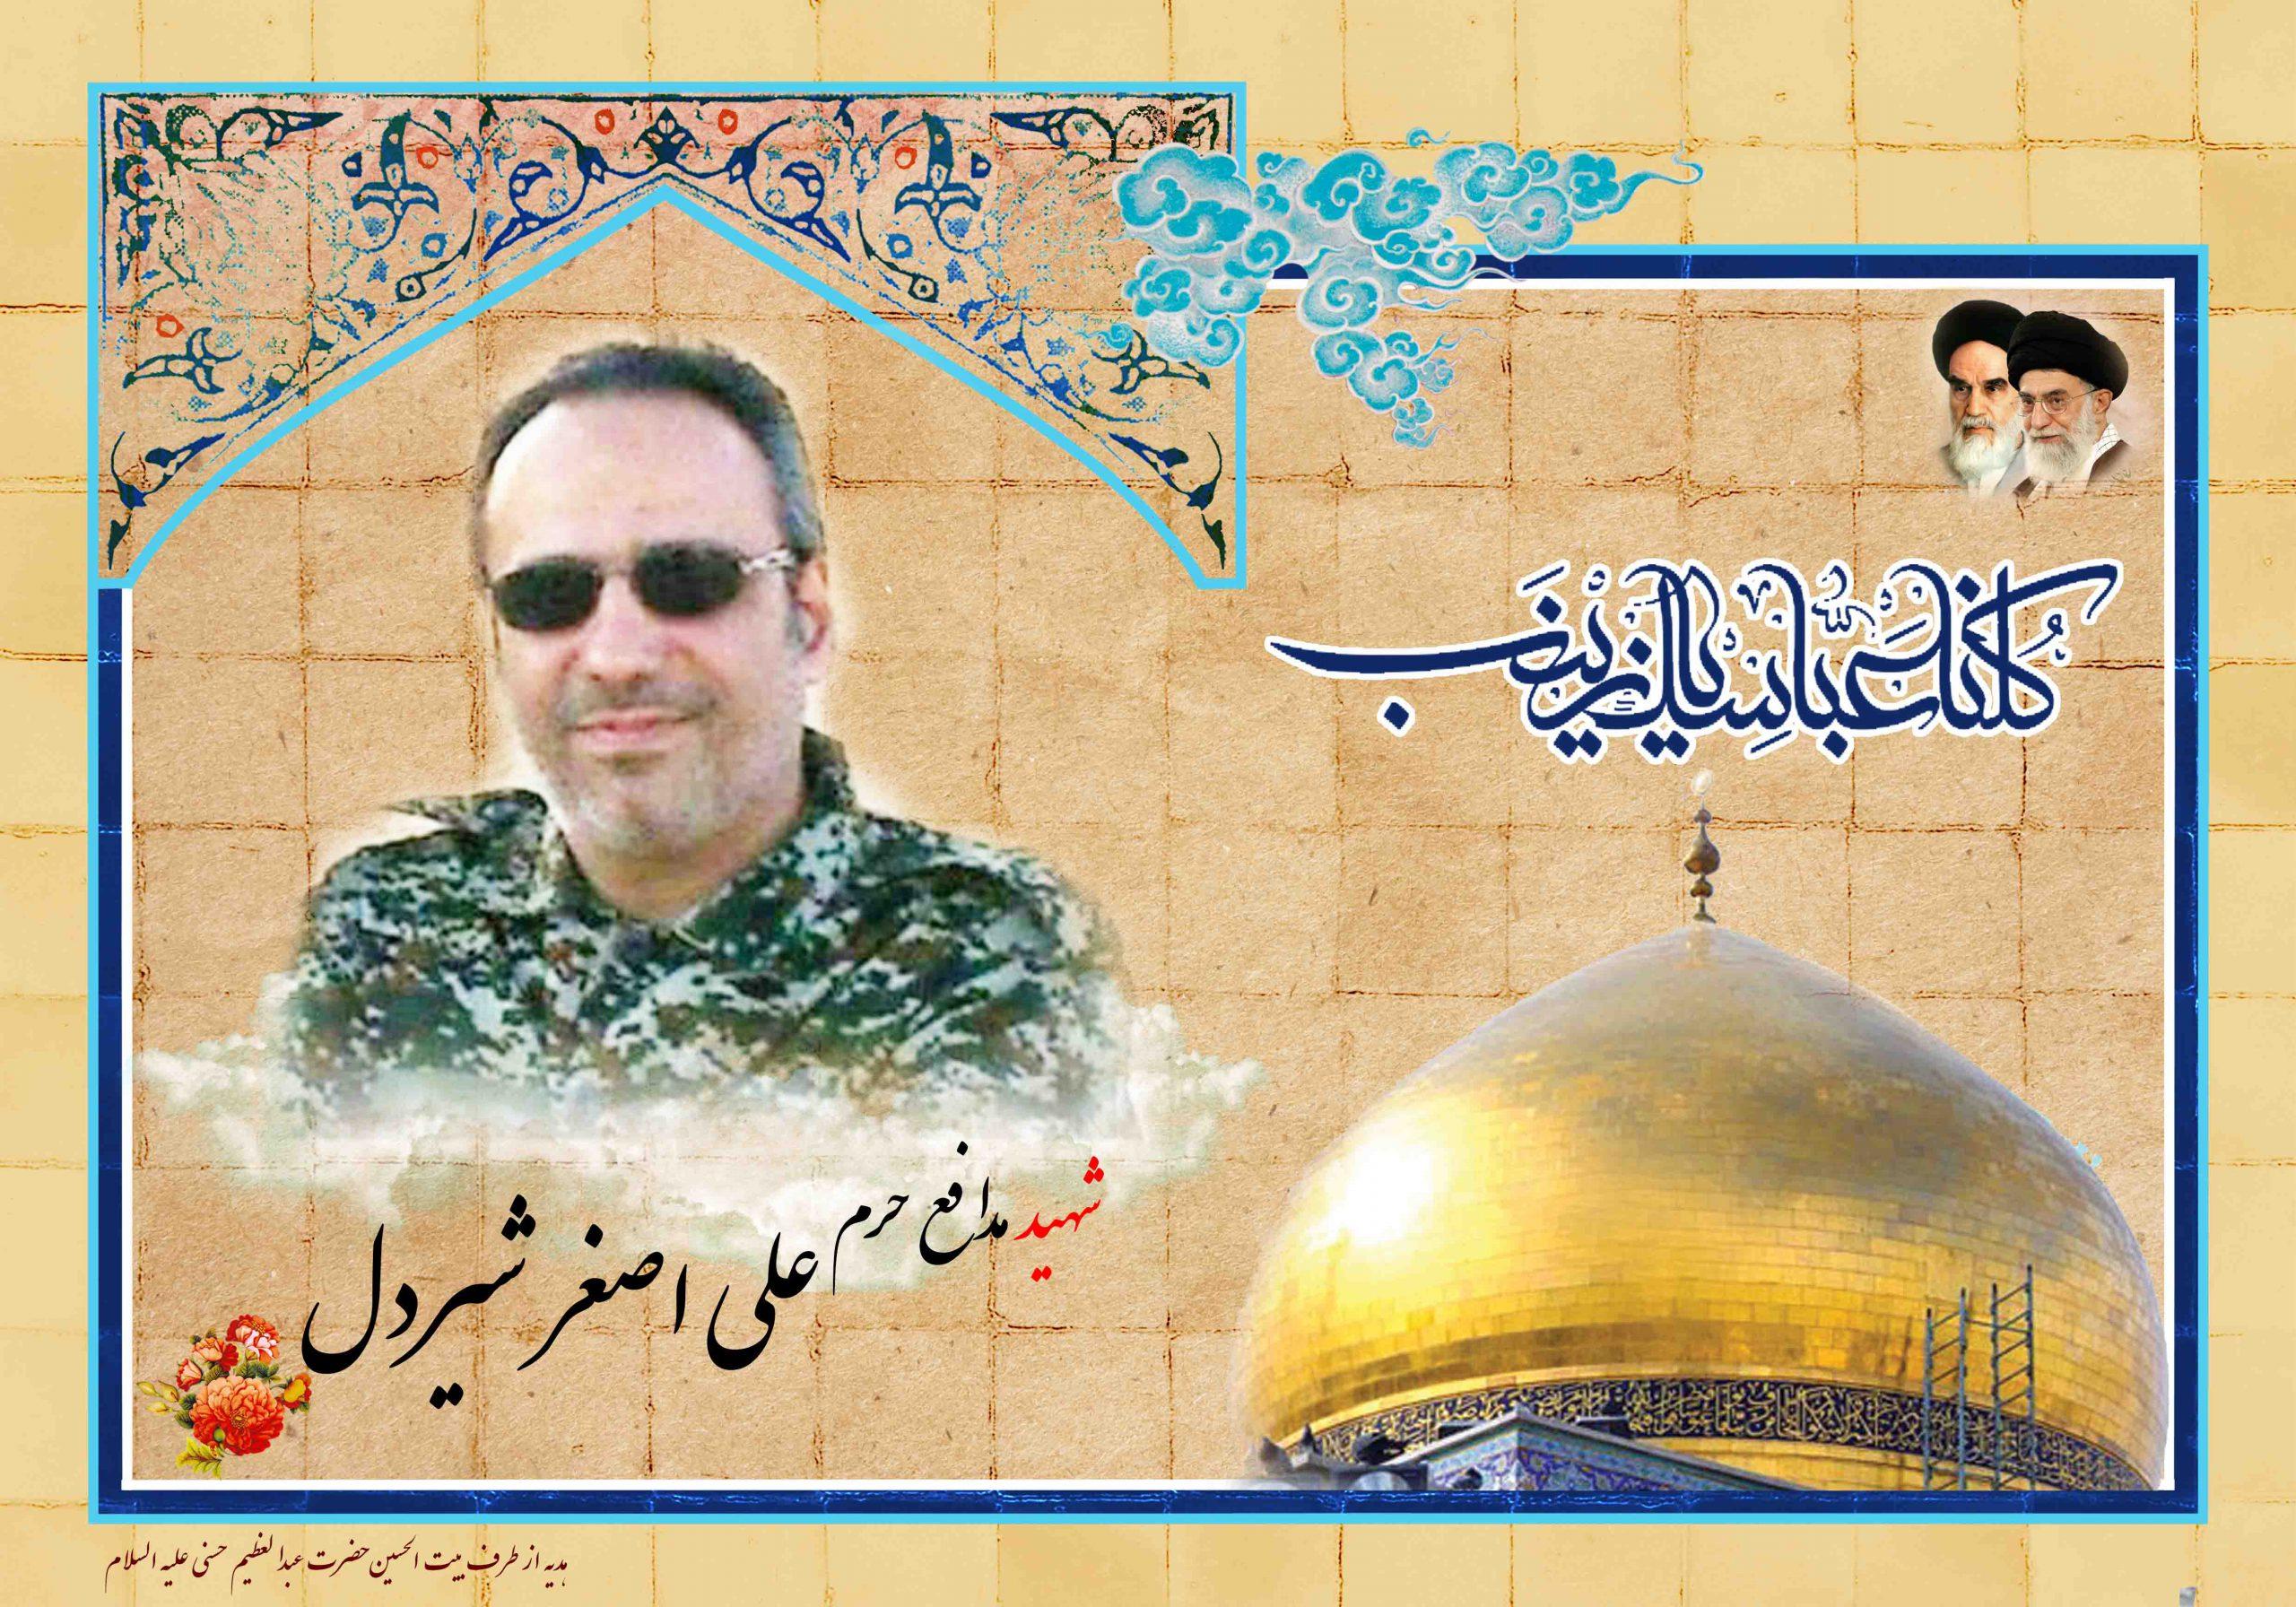 مراسم یادبود شهید علی اصغر شیردل+ صوت